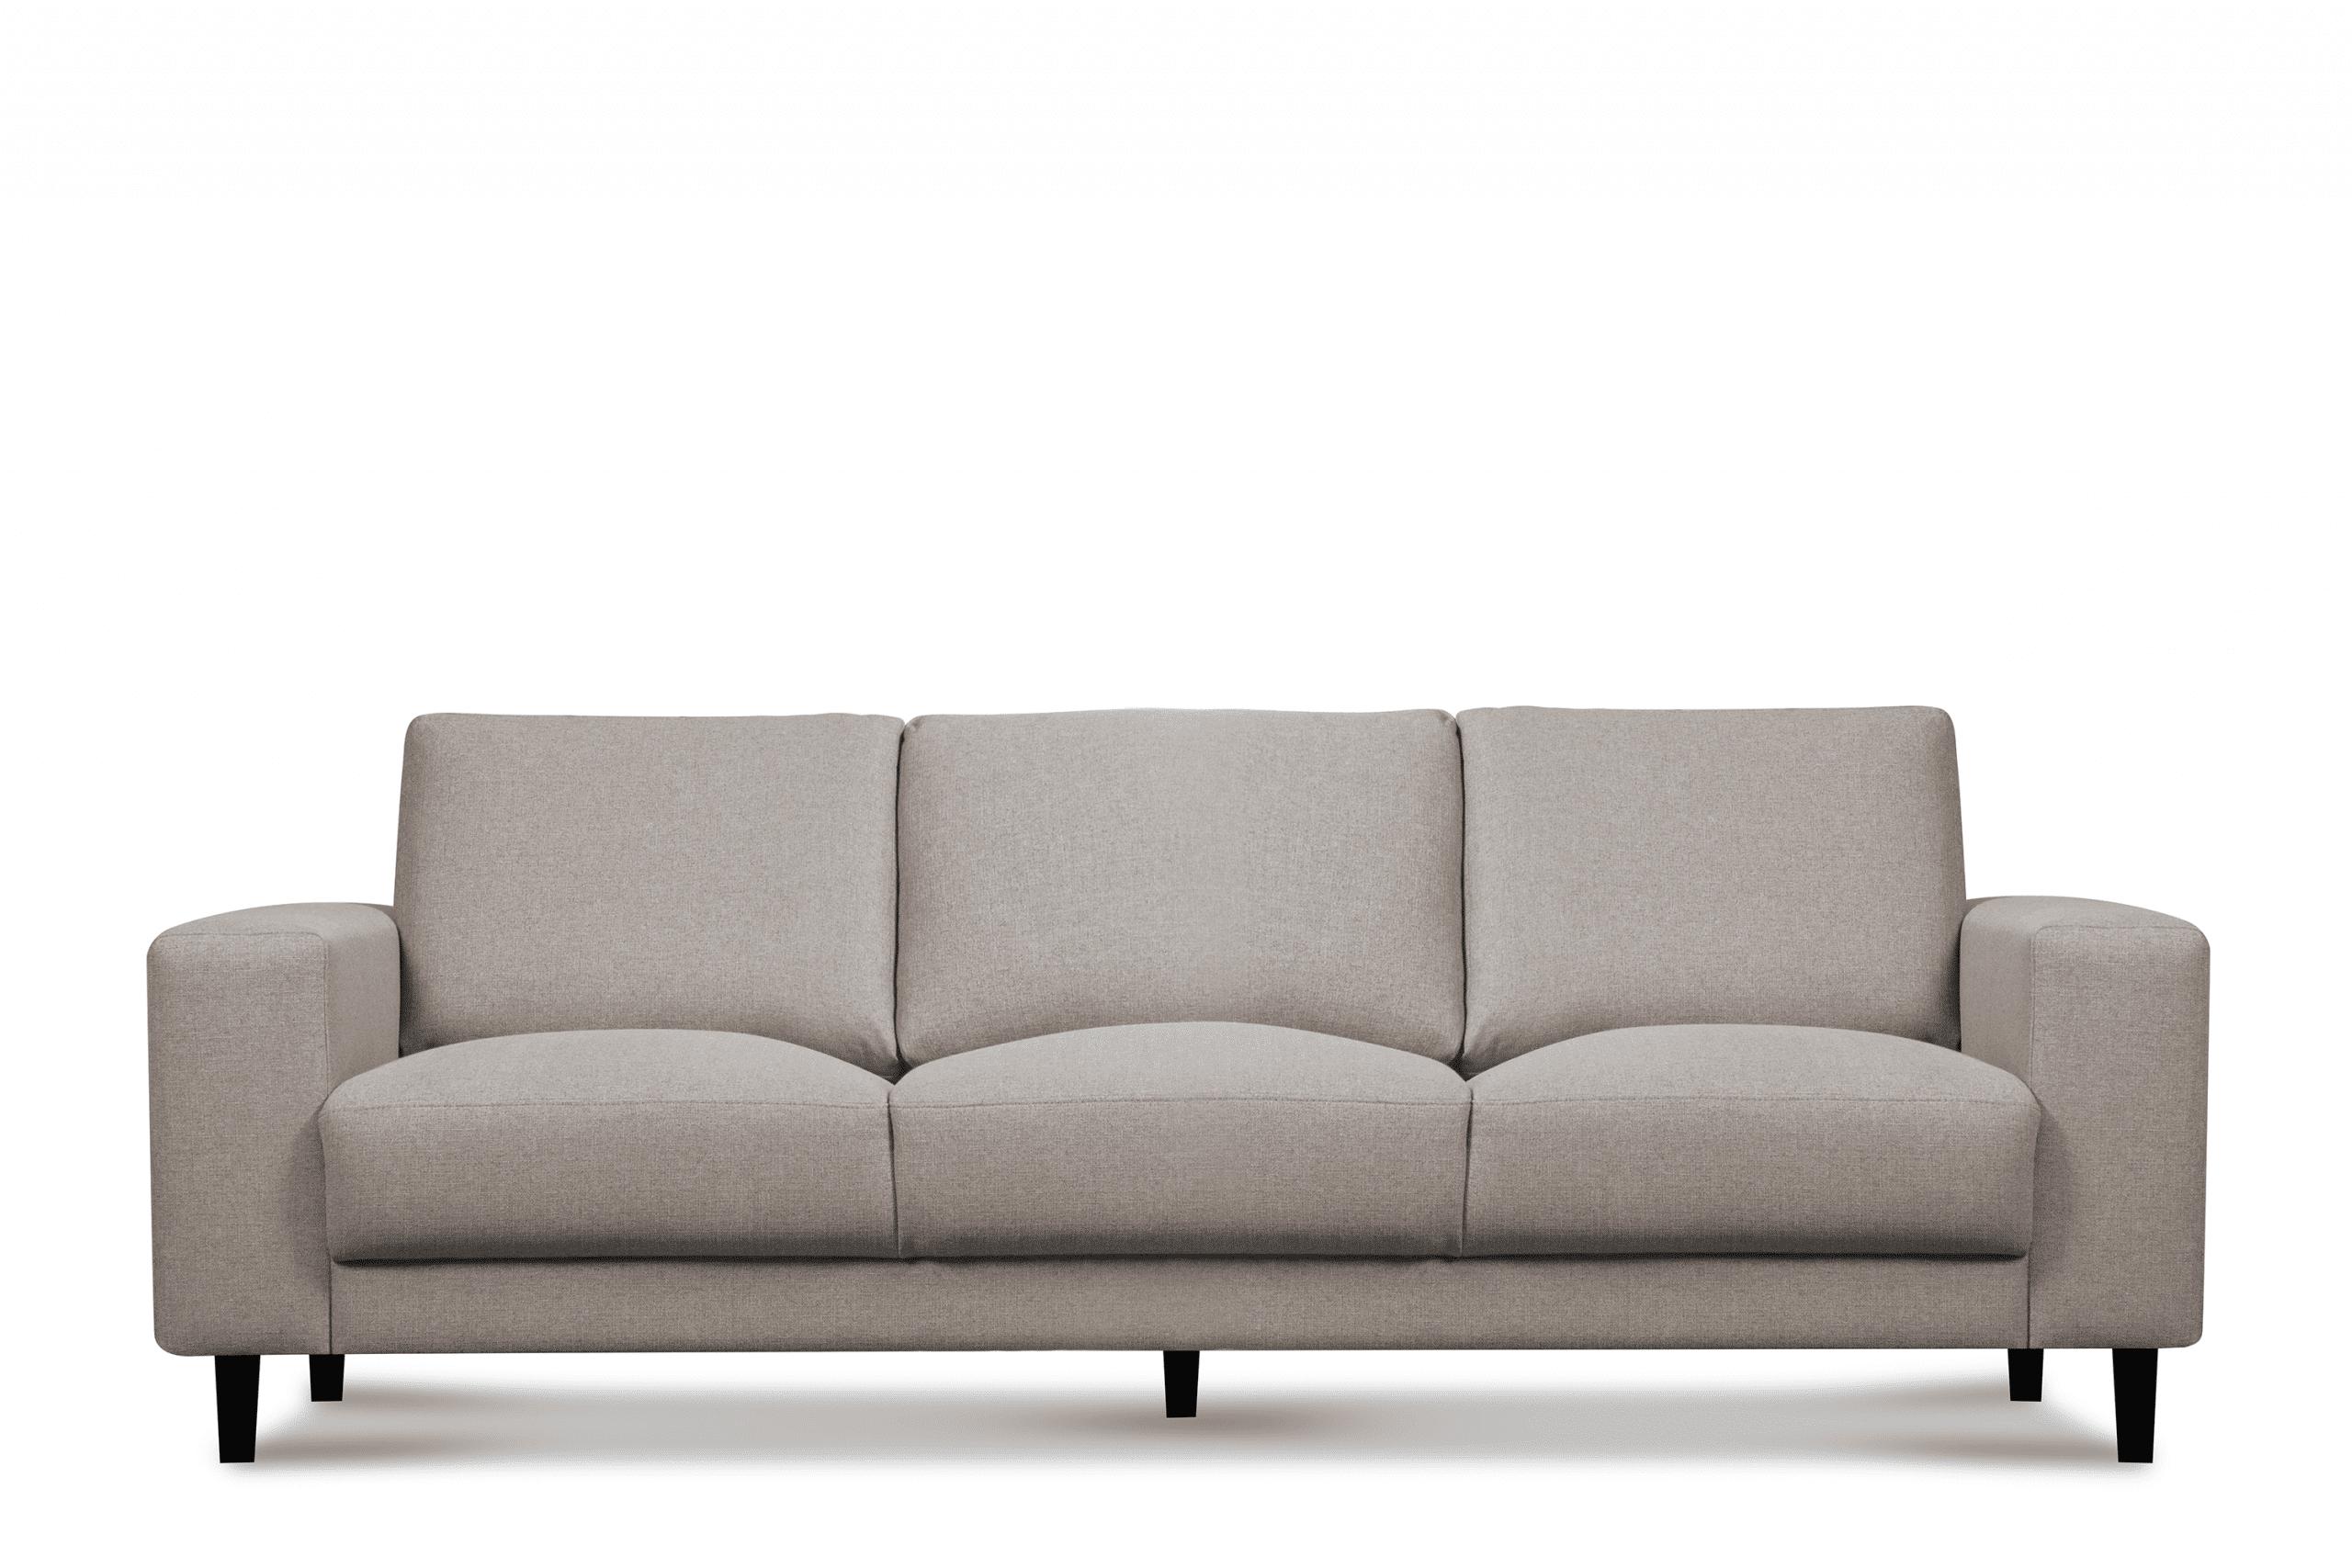 Nowoczesna sofa trzyosobowa na nóżkach beżowa